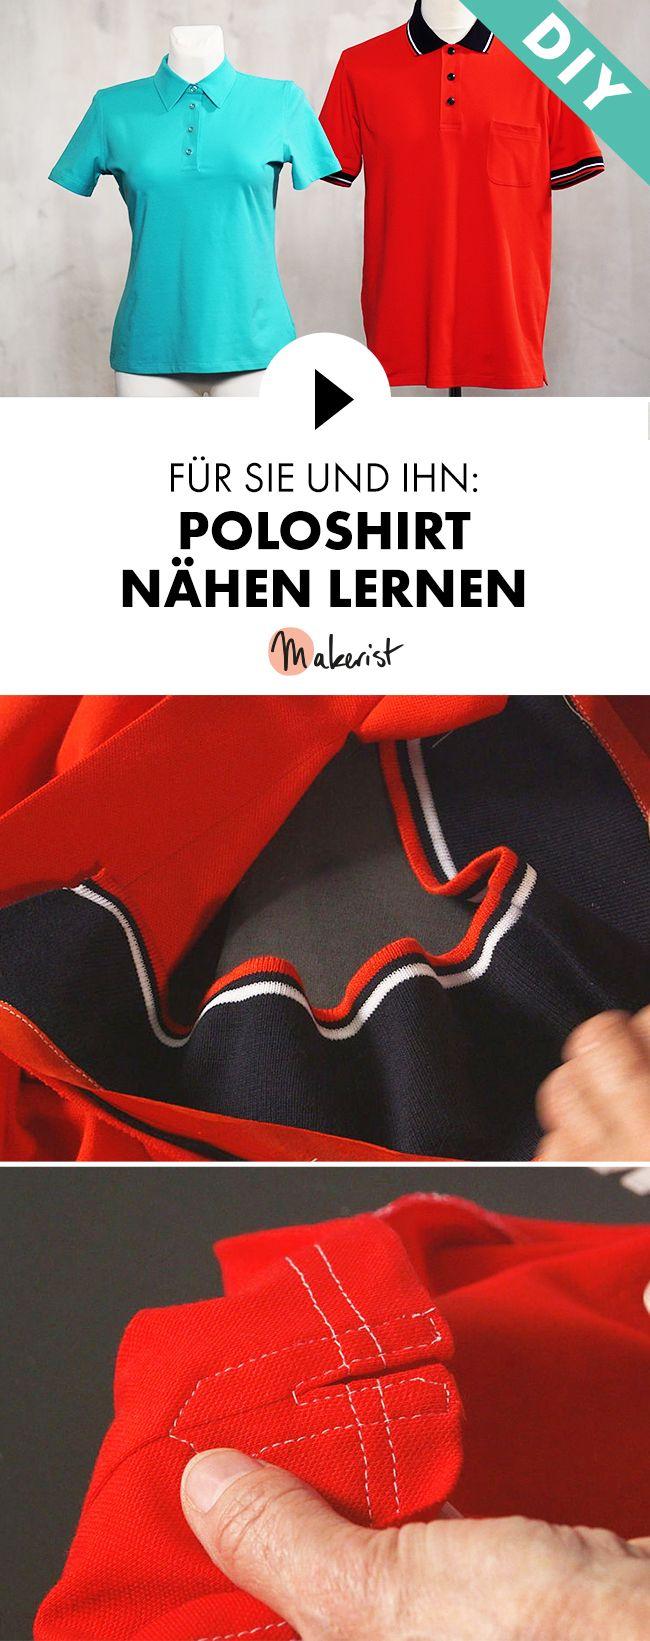 Polohemd als Klassiker für Frauen und Männer nähen lernen - Step by Step erklärt im Video-Kurs via Makerist.de